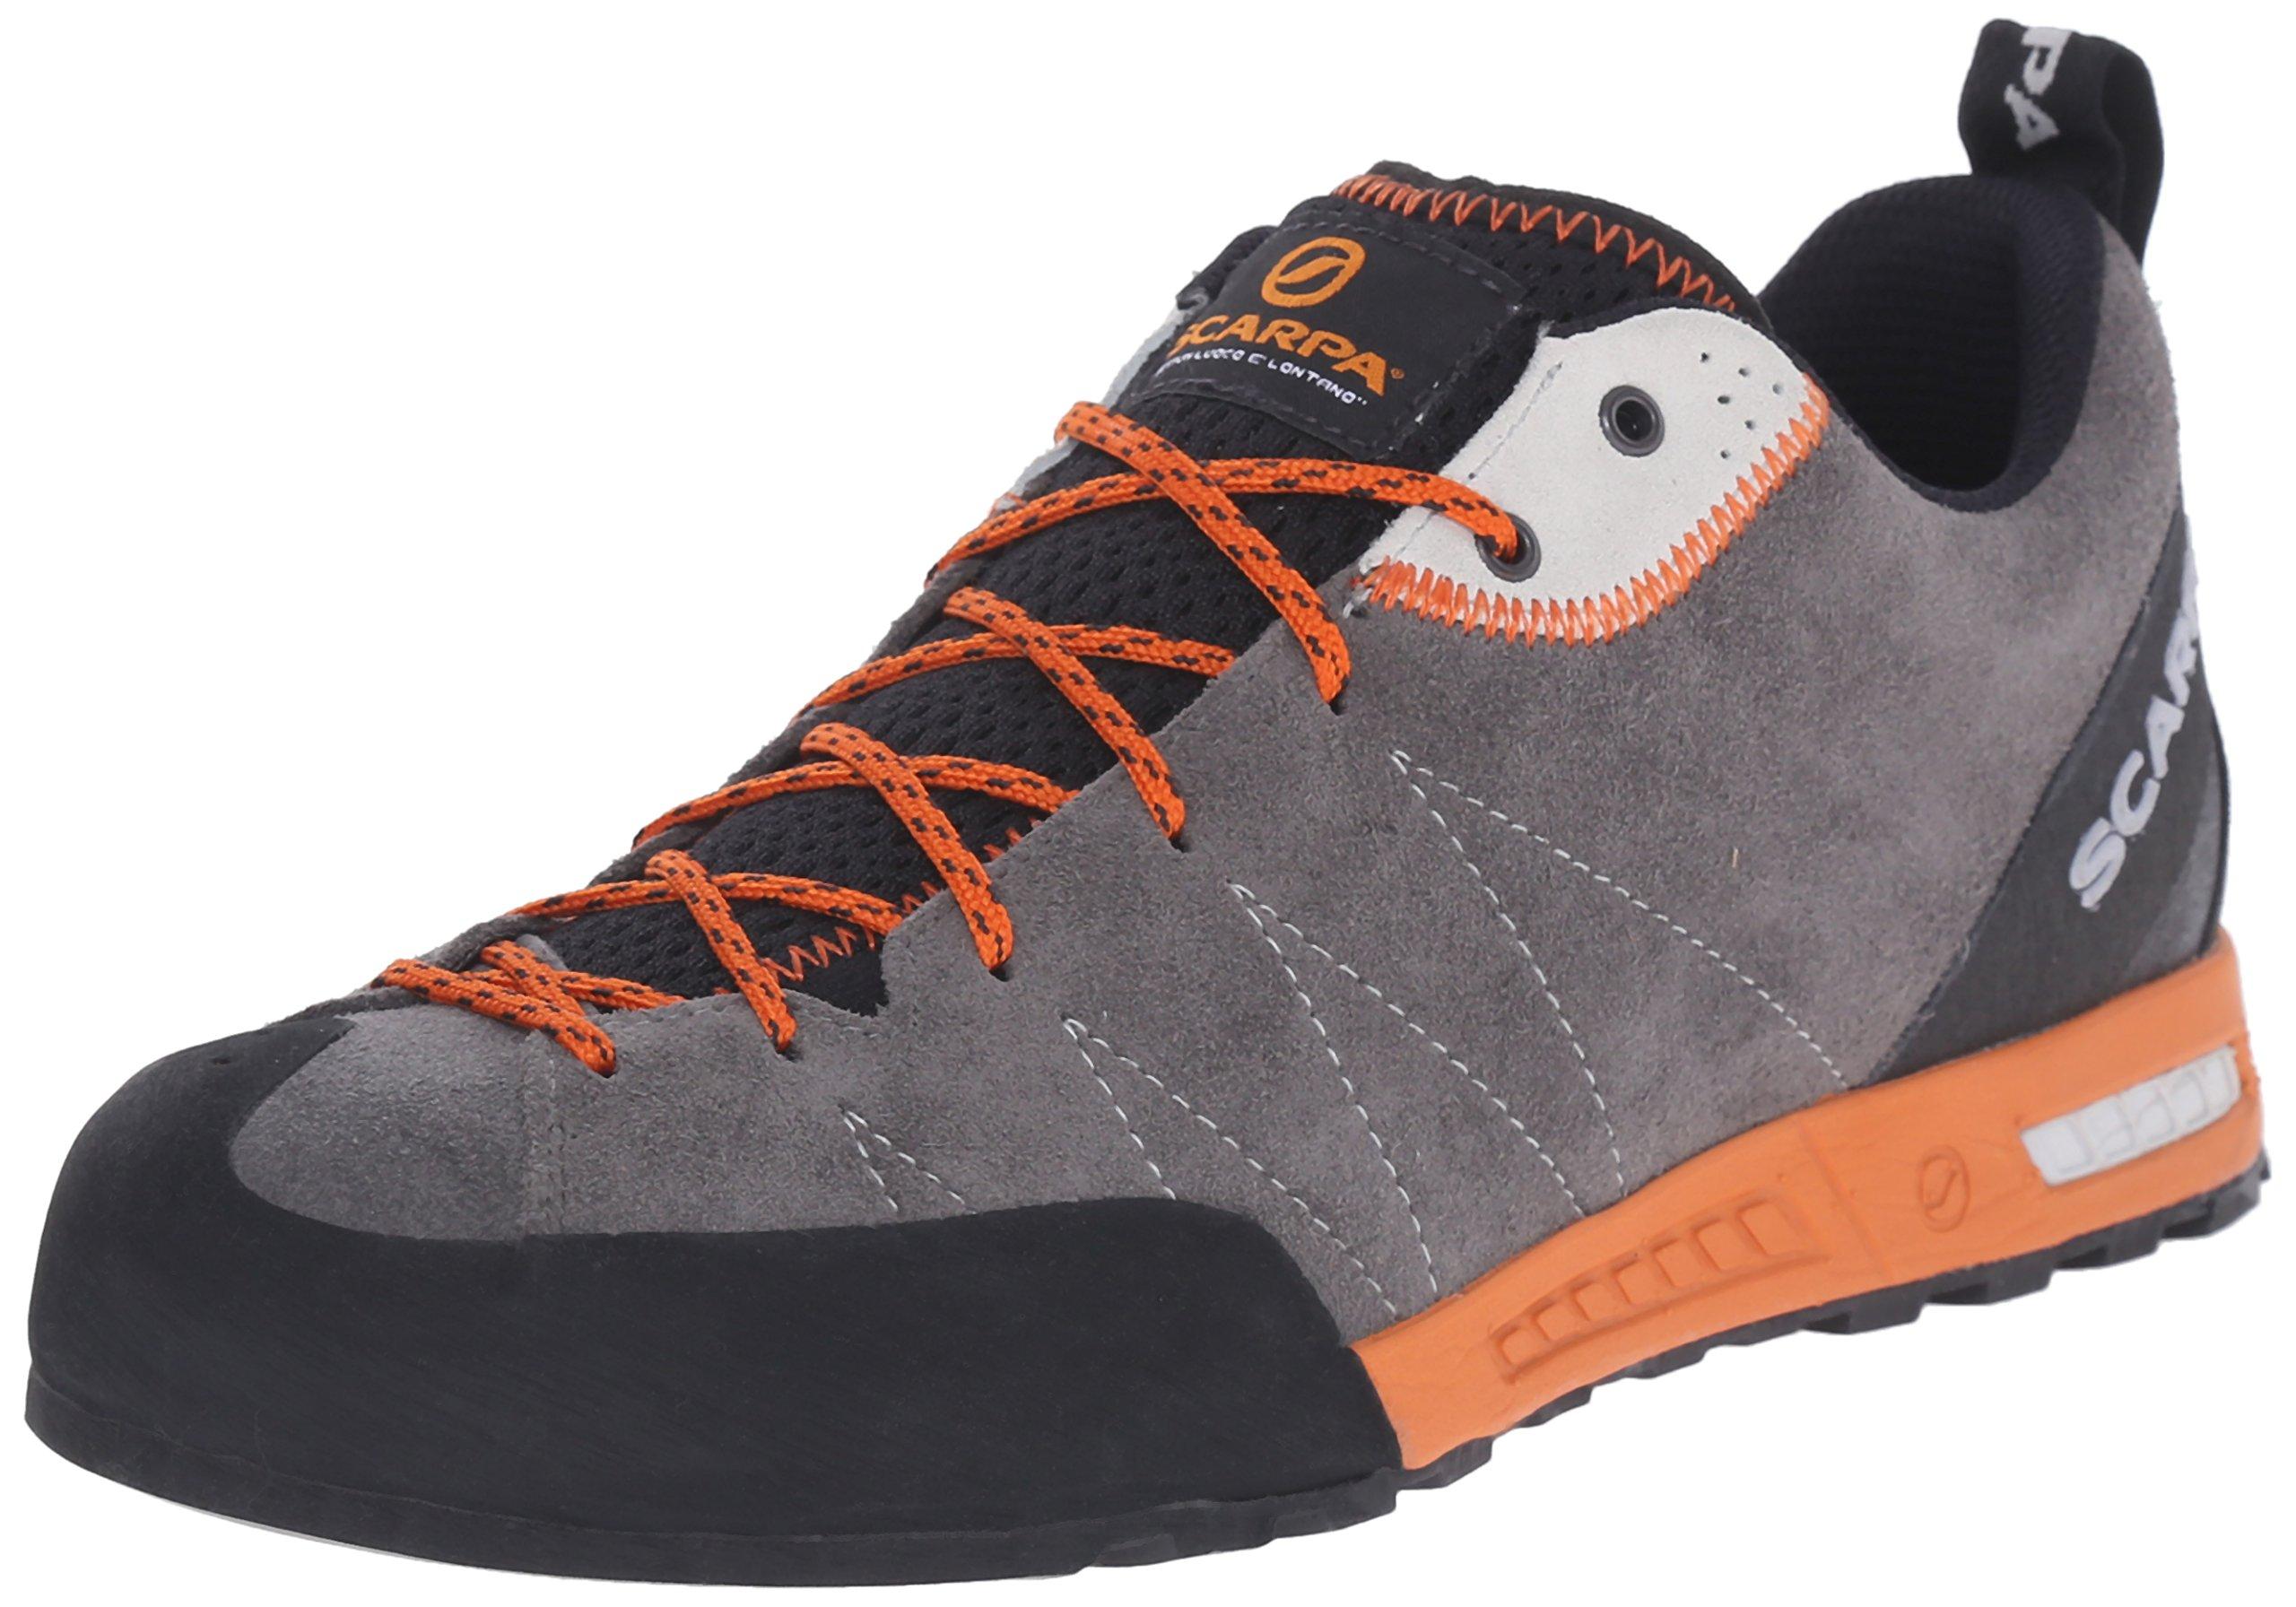 Scarpa Men's Gecko Approach Shoe, Shark/Tonic, 45 EU/11.5 M US